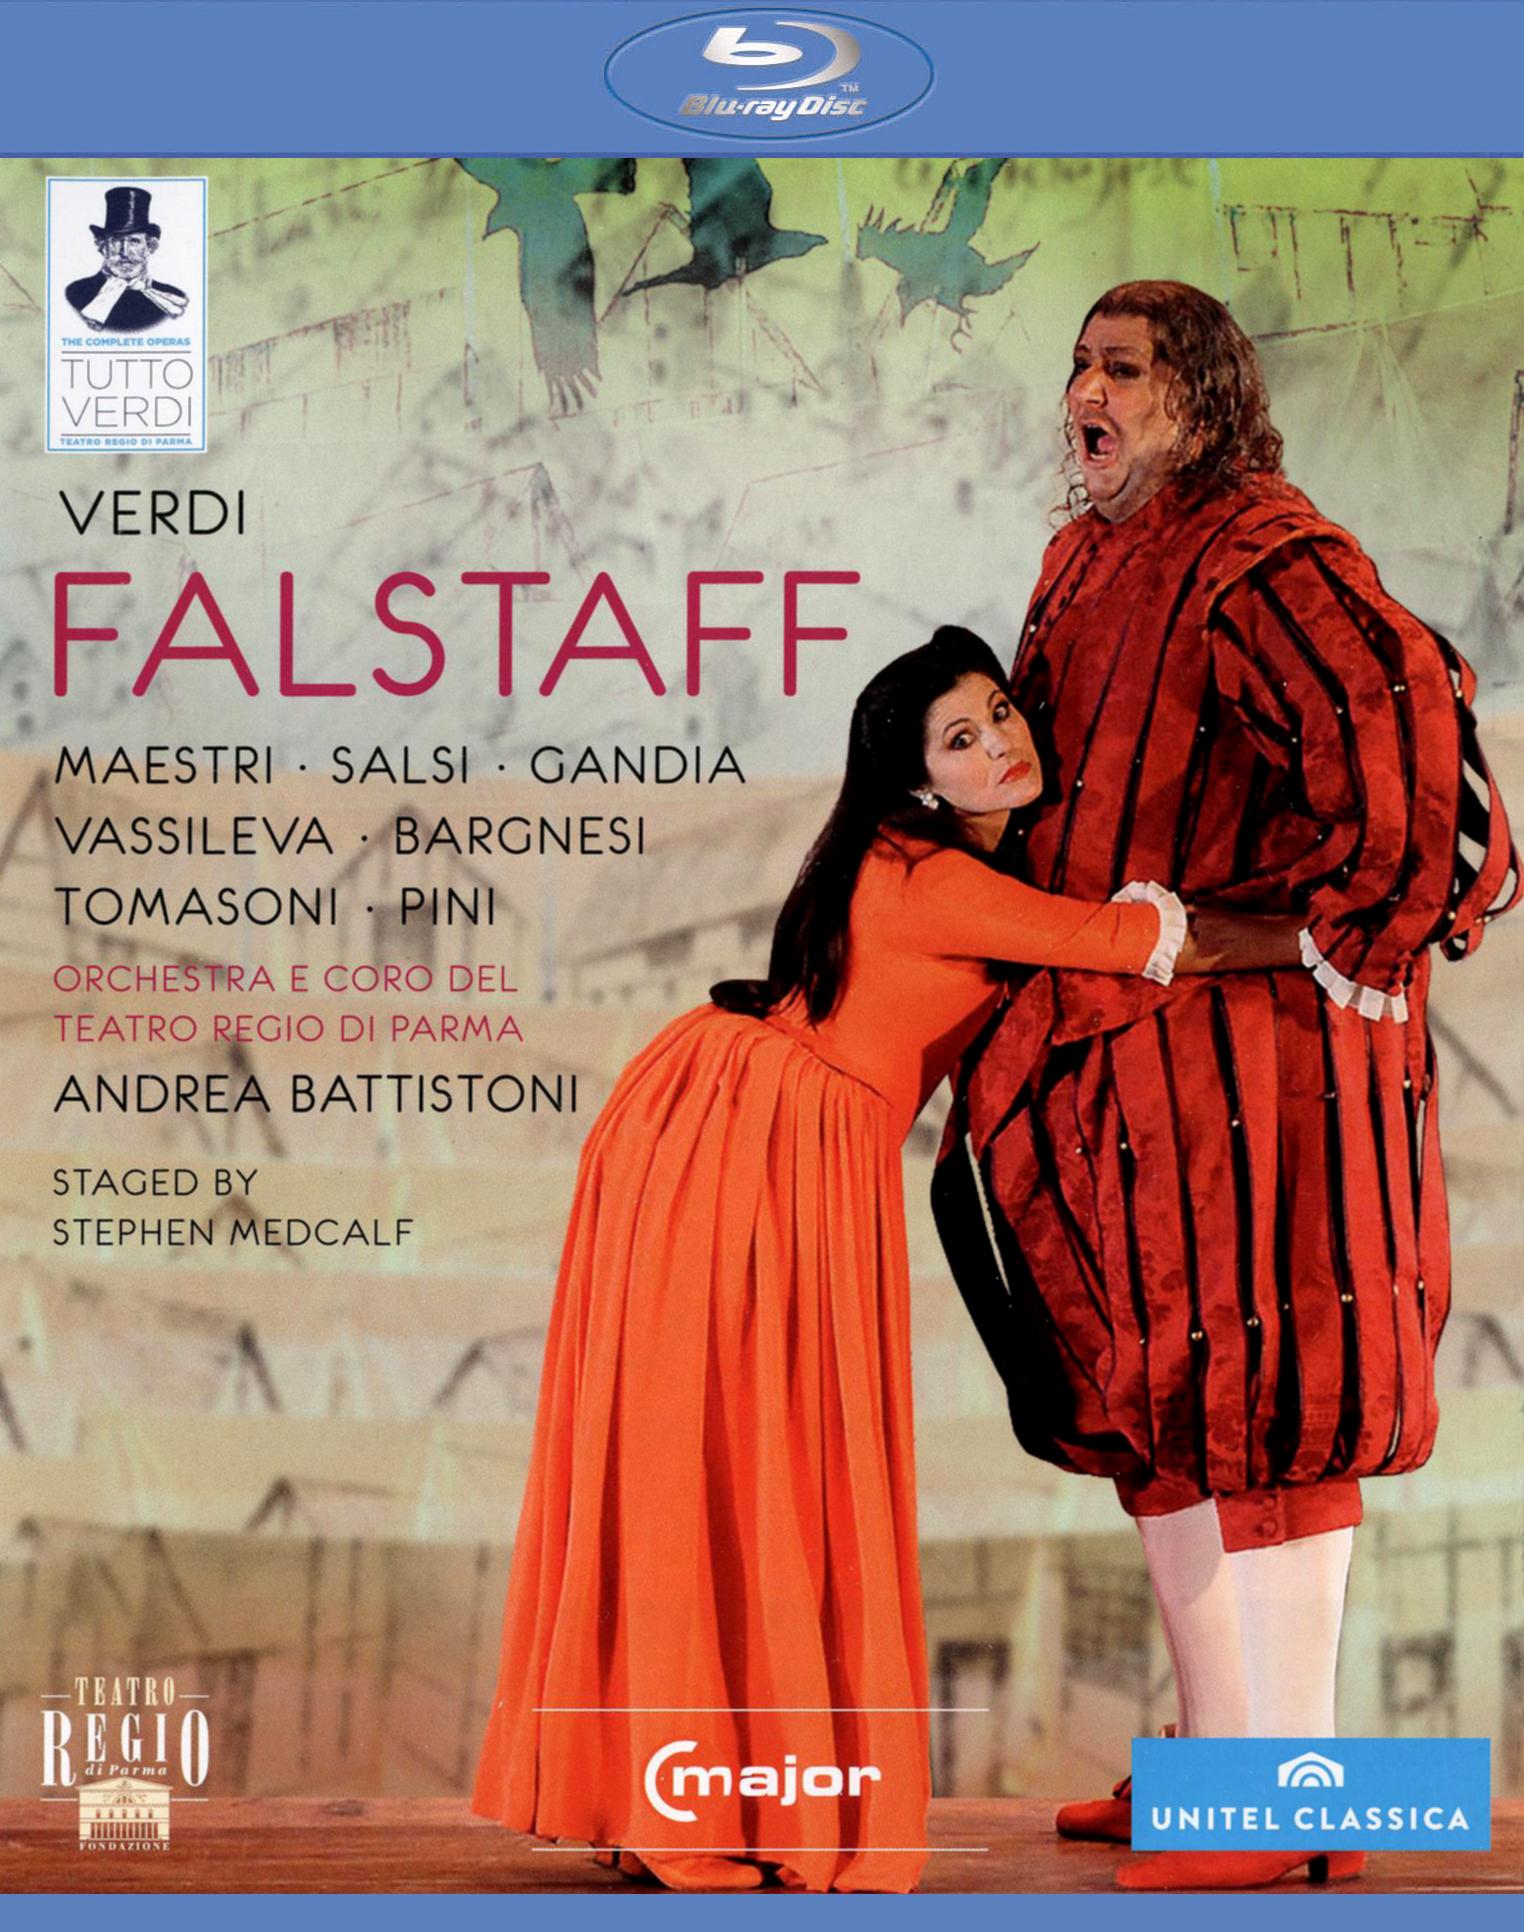 Falstaff (Teatro Regio di Parma)